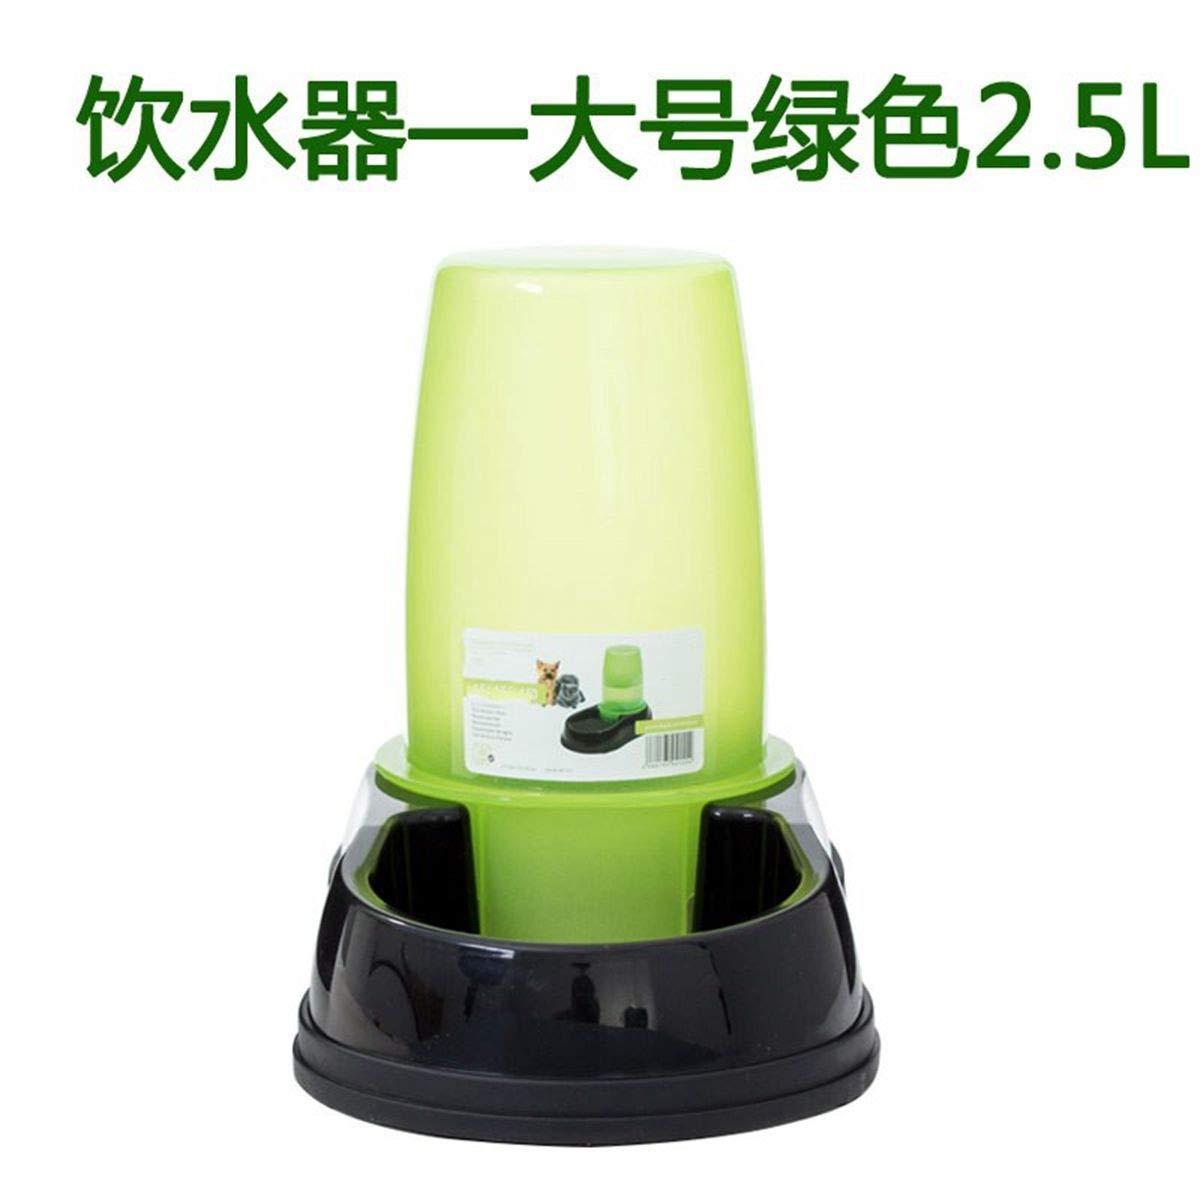 CHENYAJUAN Convoyeur d'alimentation Animaux De Compagnie Chat Chien Chat Bassin Bol d'or Teddy Distributeur d'eau Automatique Gros Chien (11 litres) 11 litres Seau d'eau d'alimentation